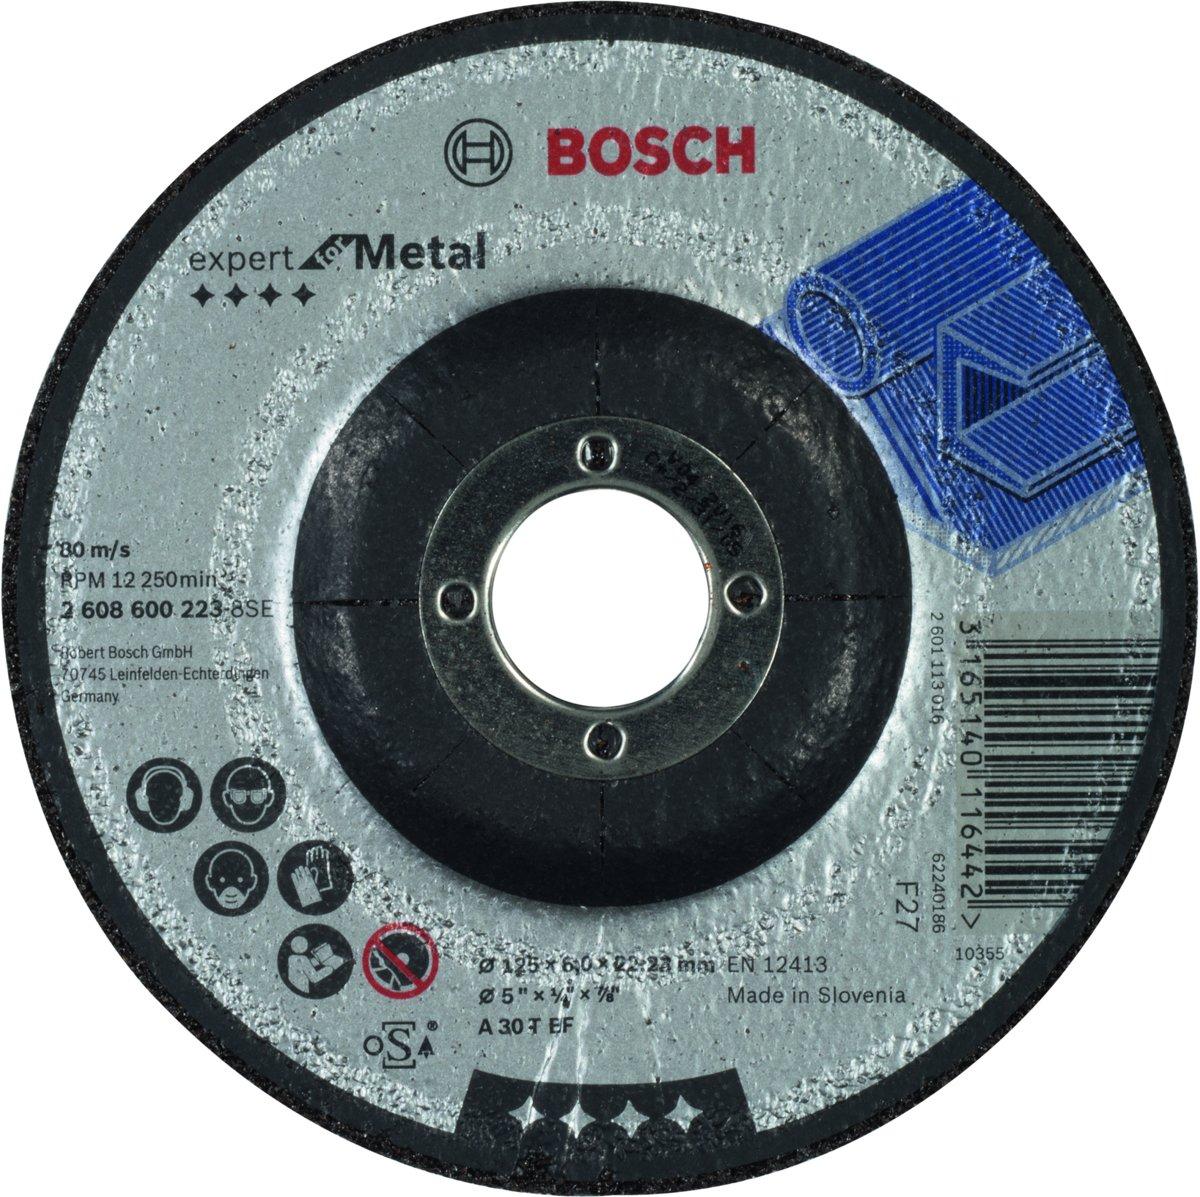 Bosch - Afbraamschijf gebogen Expert for Metal A 30 T BF, 125 mm, 22,23 mm, 6,0 mm kopen